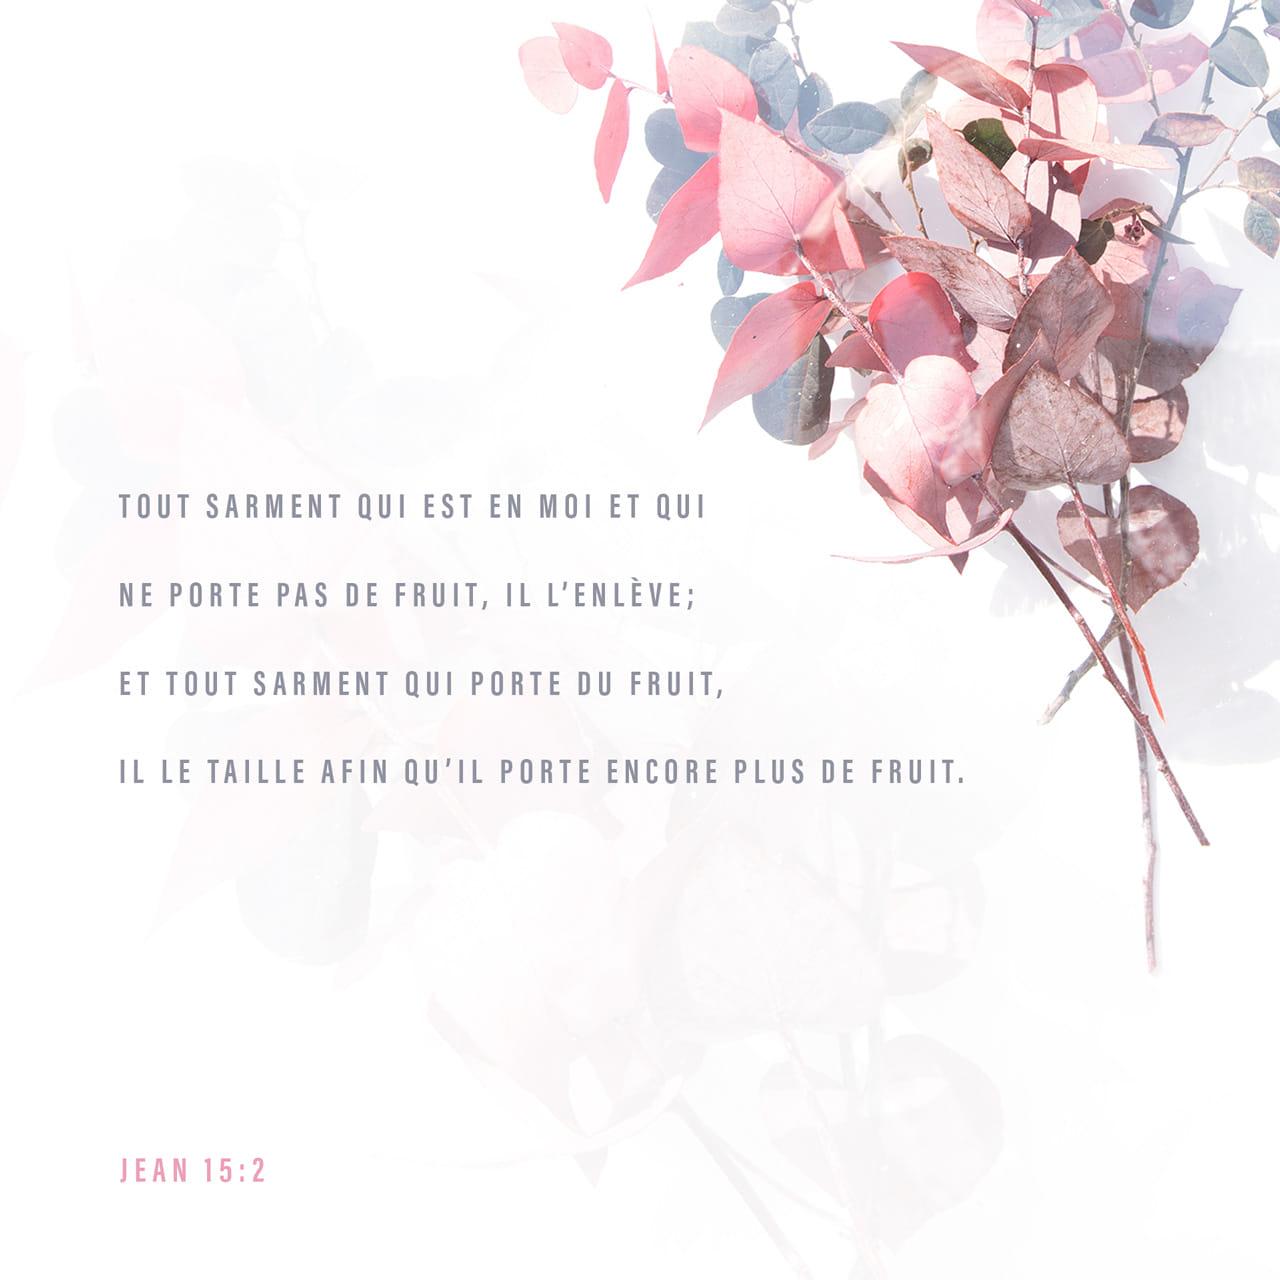 Il enlève toutes mes branches qui ne donnent pas de fruits et il taille toutes les branches qui donnent des fruits. Ainsi elles en donneront encore. - Jean 15:2 - Verset illustré